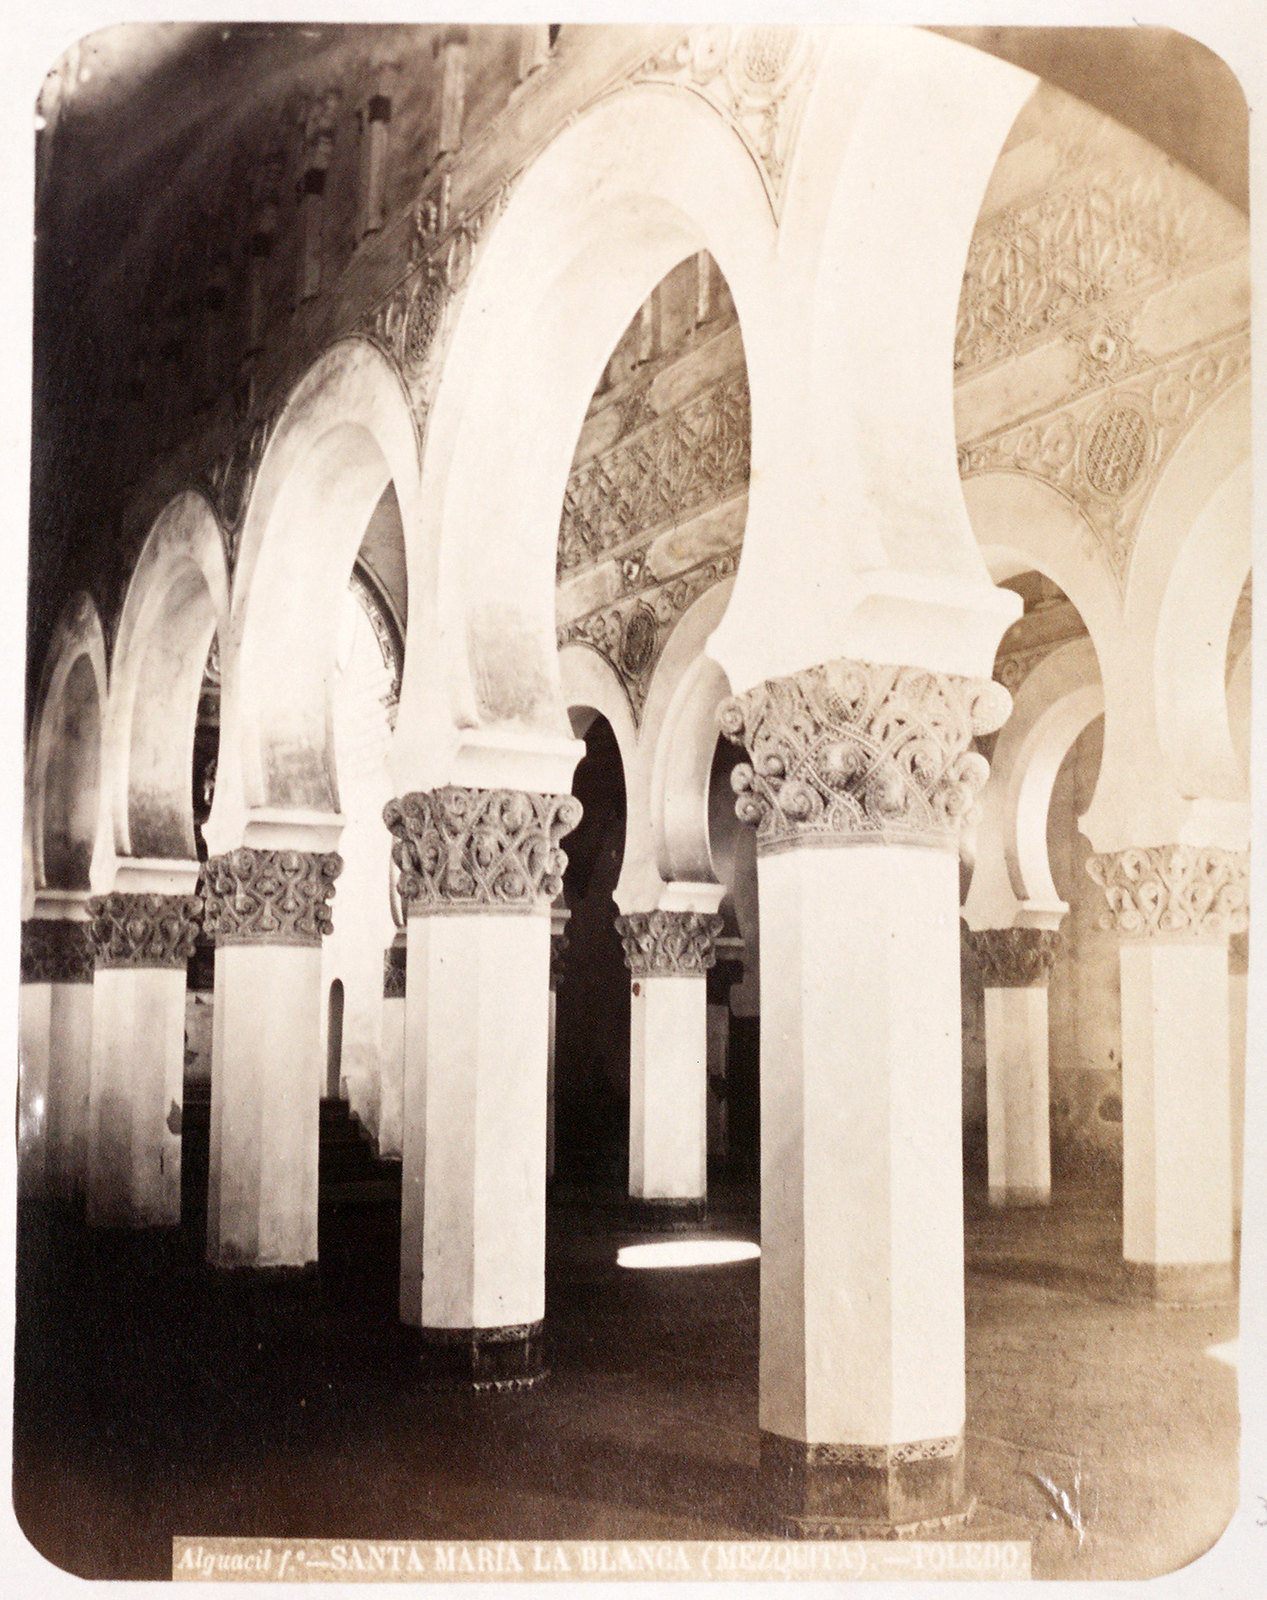 Sinagoga de Santa María la Blanca en Toledo hacia 1879. Álbum de la National Gallery con fotos de Casiano Alguacil.